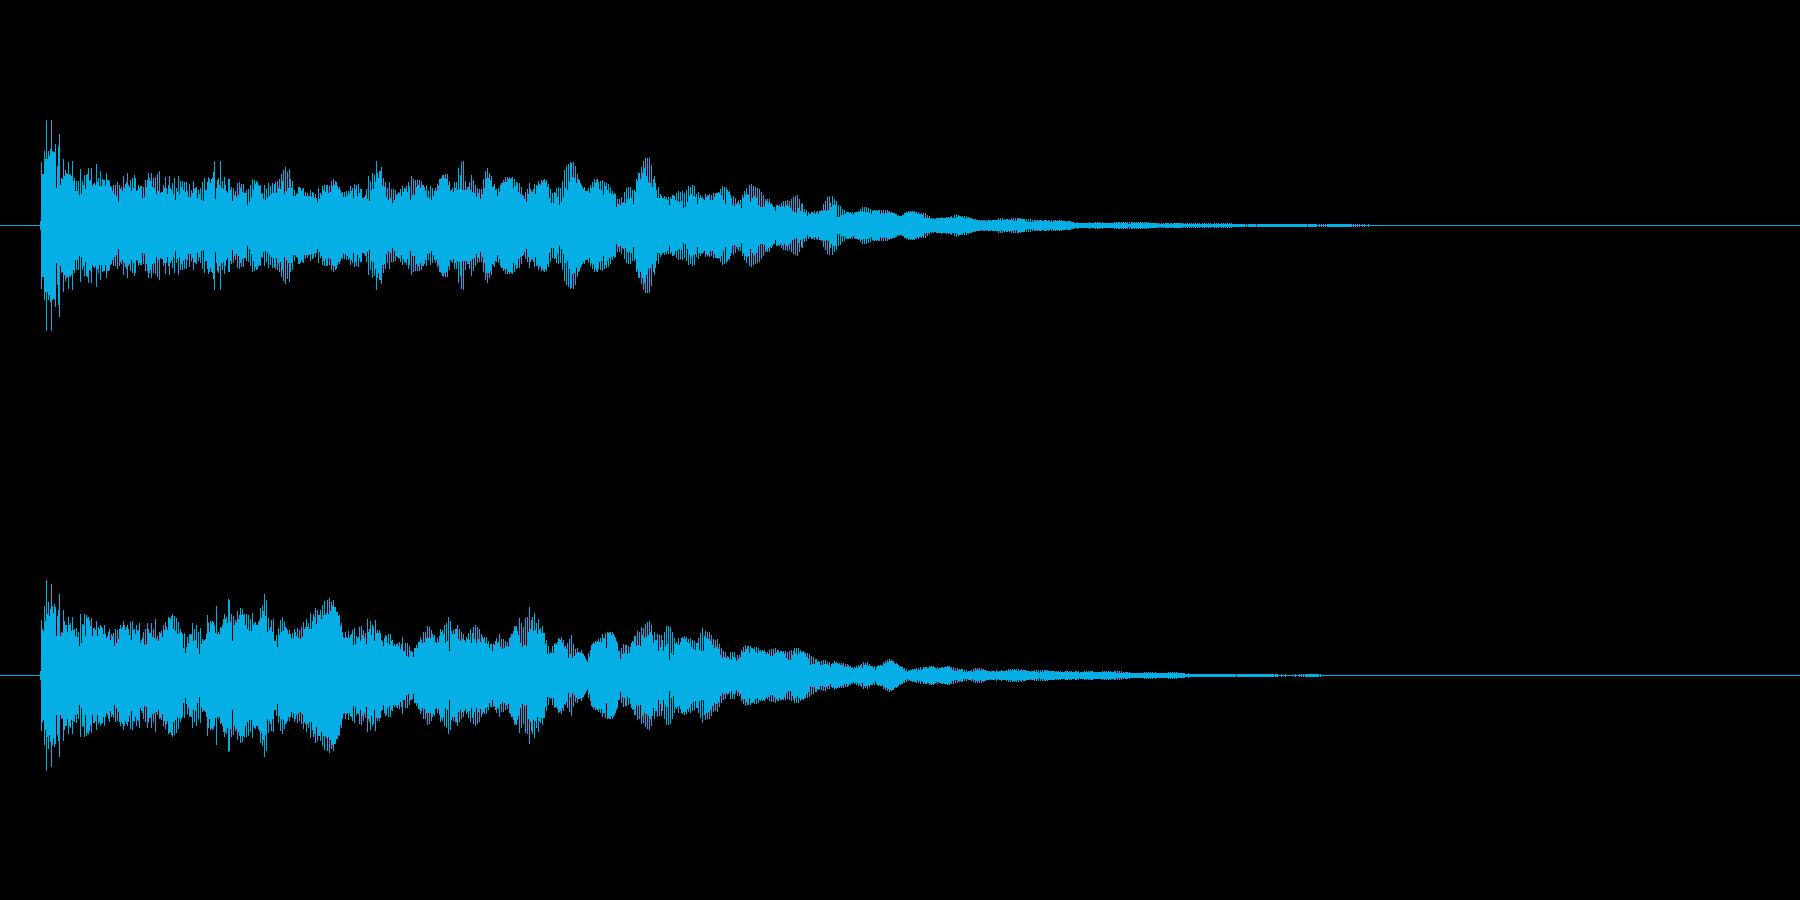 ポーンと反響するアコギとシンセの効果音の再生済みの波形